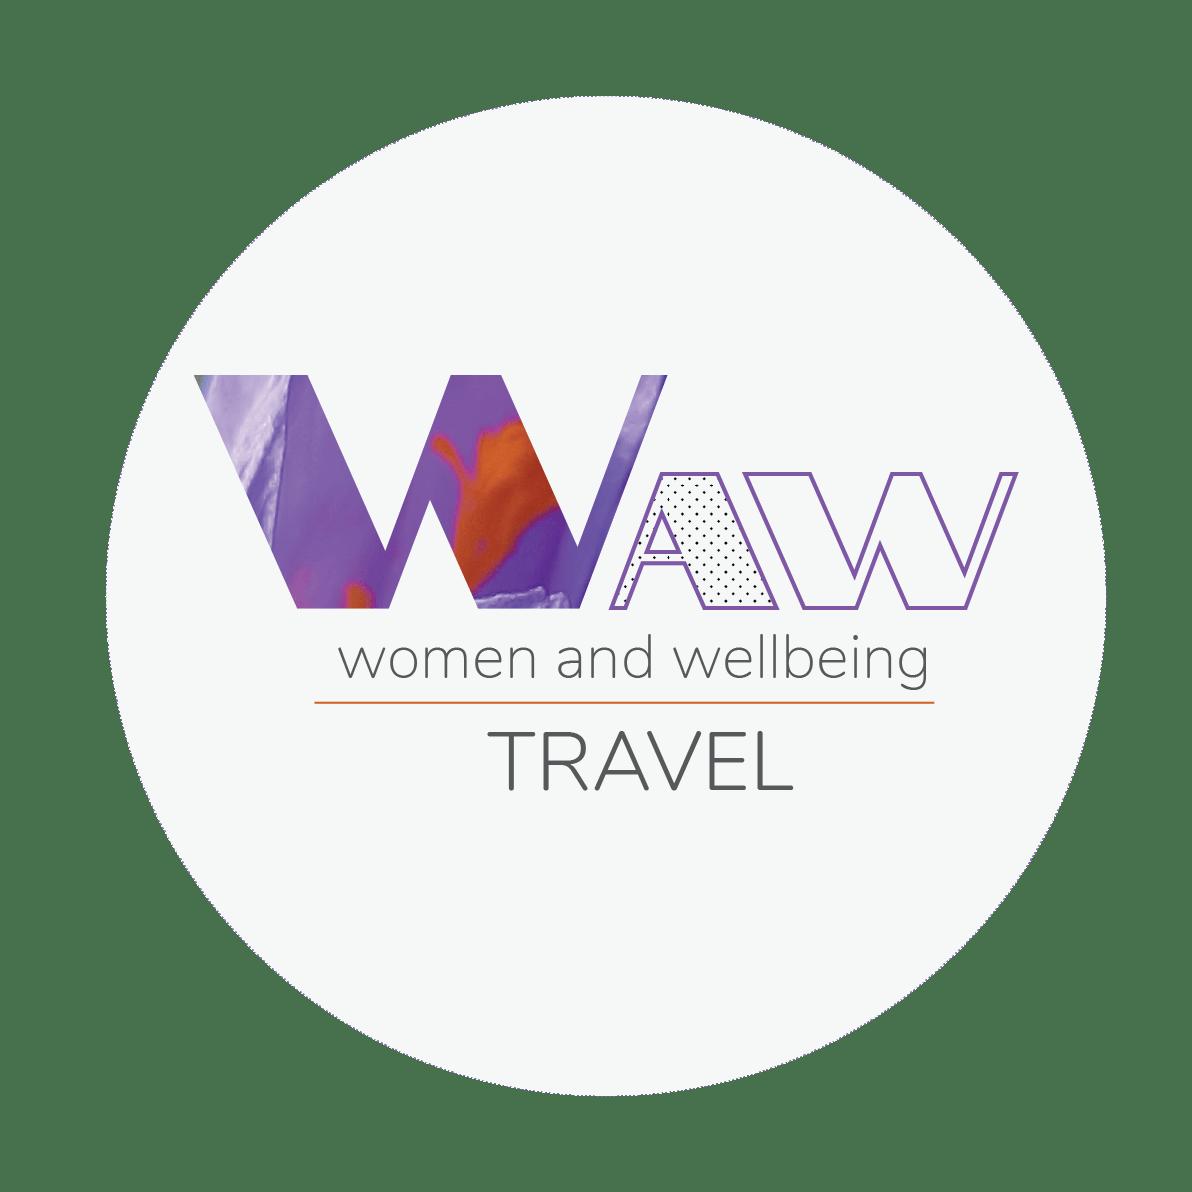 waw logo 1.2 png